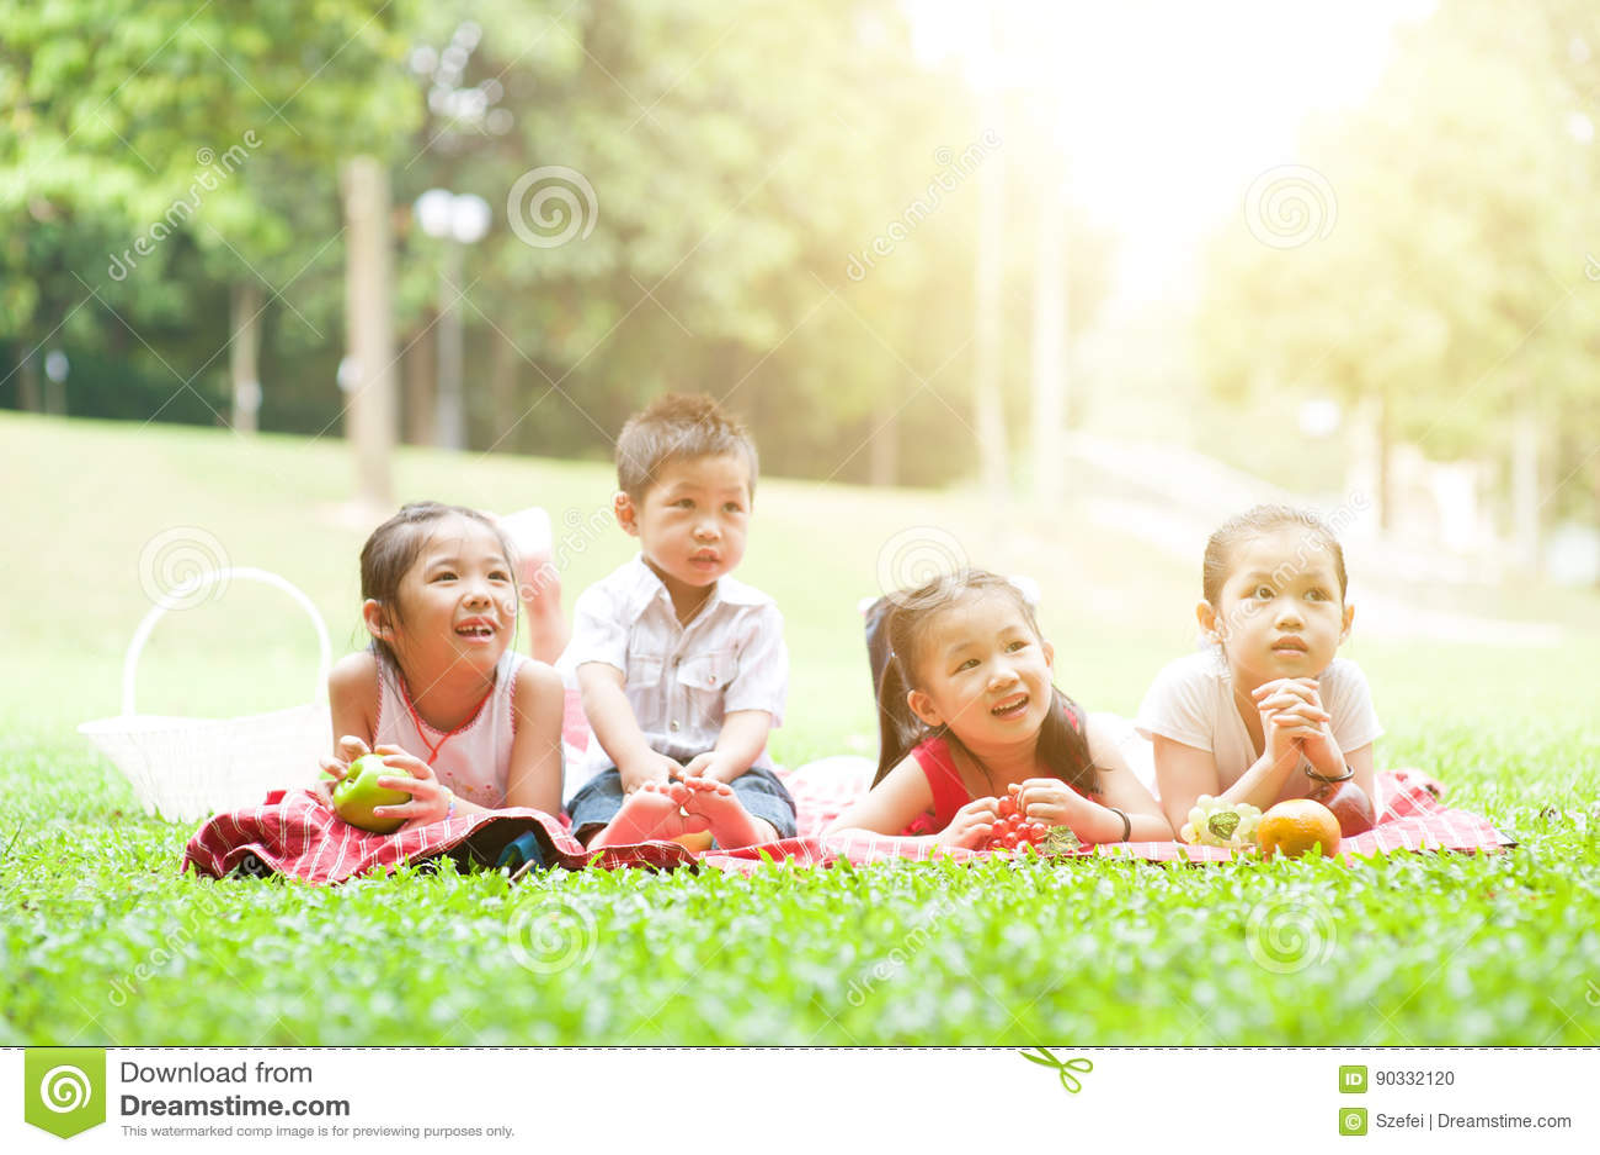 Asiatische Kinderpicknicks im Freien